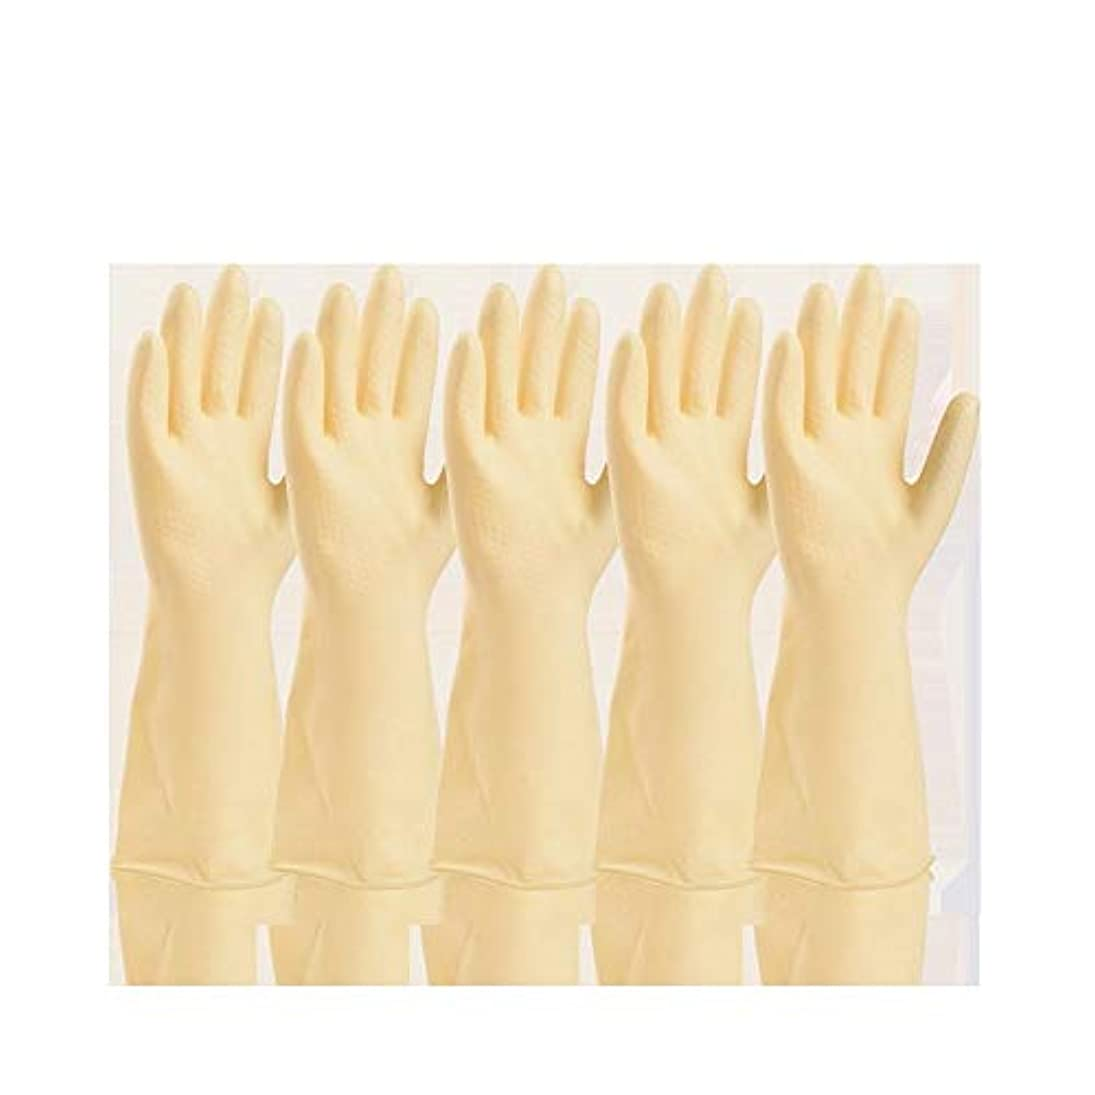 かかわらずクリークムスタチオニトリルゴム手袋 工業用手袋厚手のプラスチック製保護用耐水性防水ラテックス手袋、5ペア 使い捨て手袋 (Color : White, Size : L)